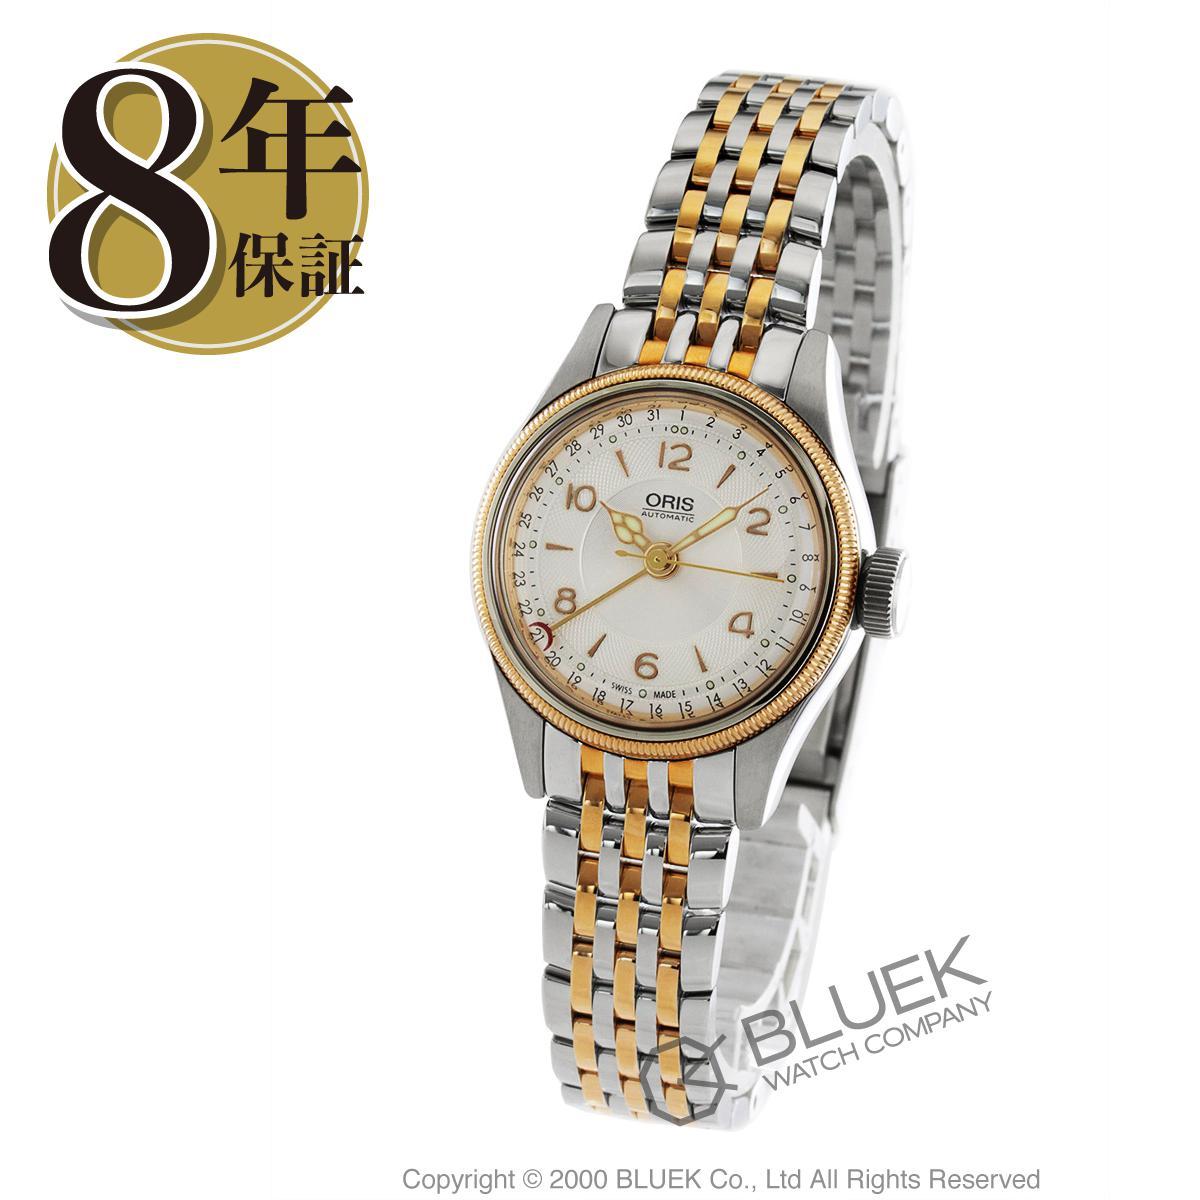 オリス ビッグクラウン 腕時計 レディース ORIS 594 7695 4361M_8